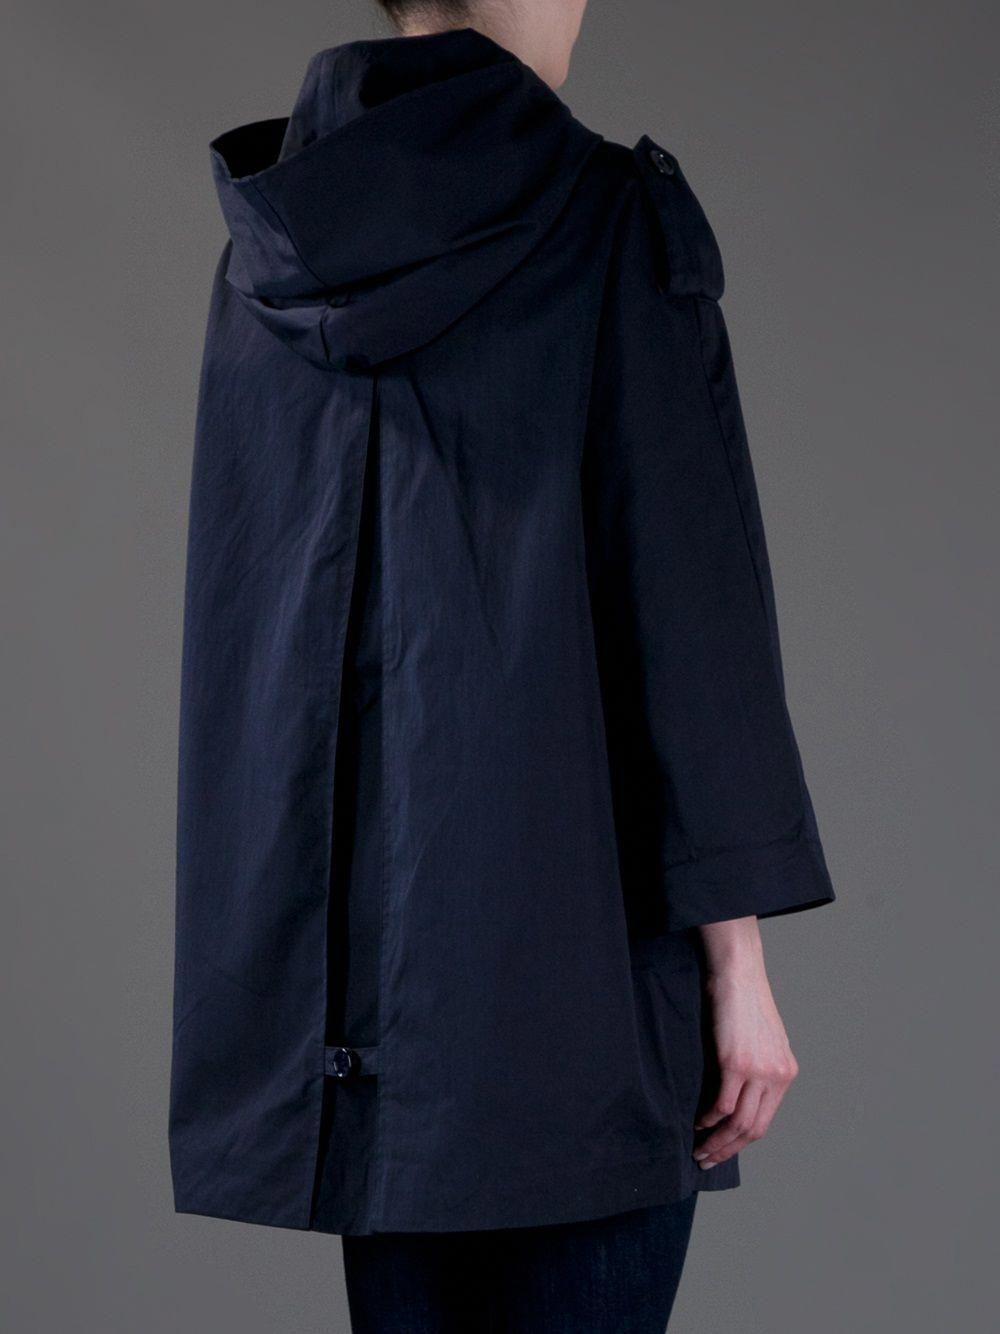 b5b79e9c63a back of sessun hooded raincoat  BlueRaincoat